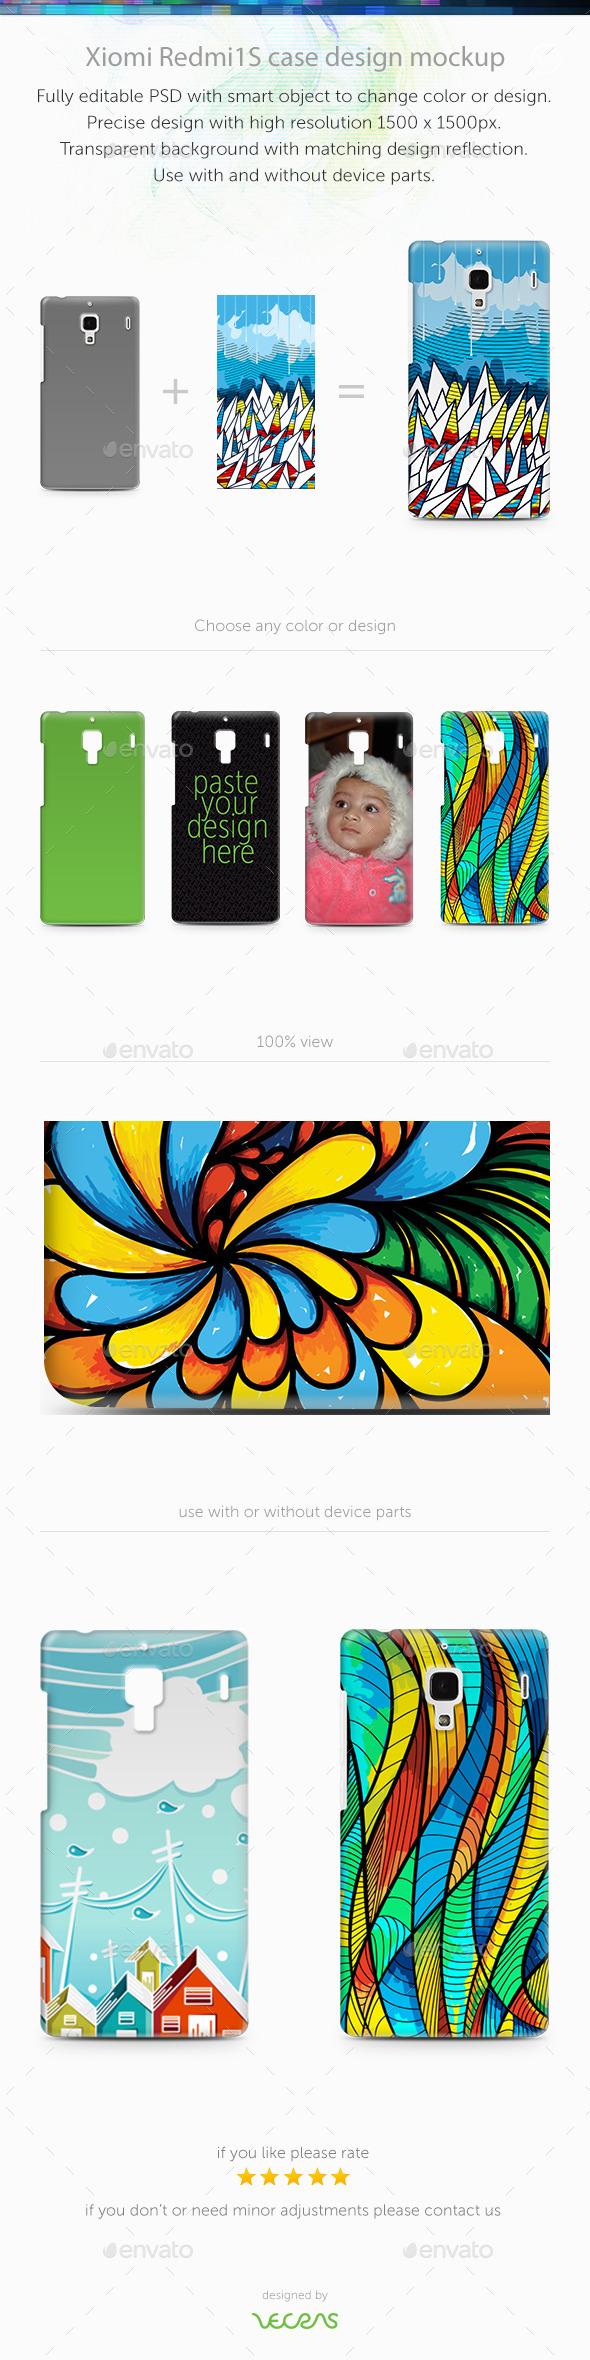 GraphicRiver Xiaomi RedMi 1 1S Case Design Mockup 9743137